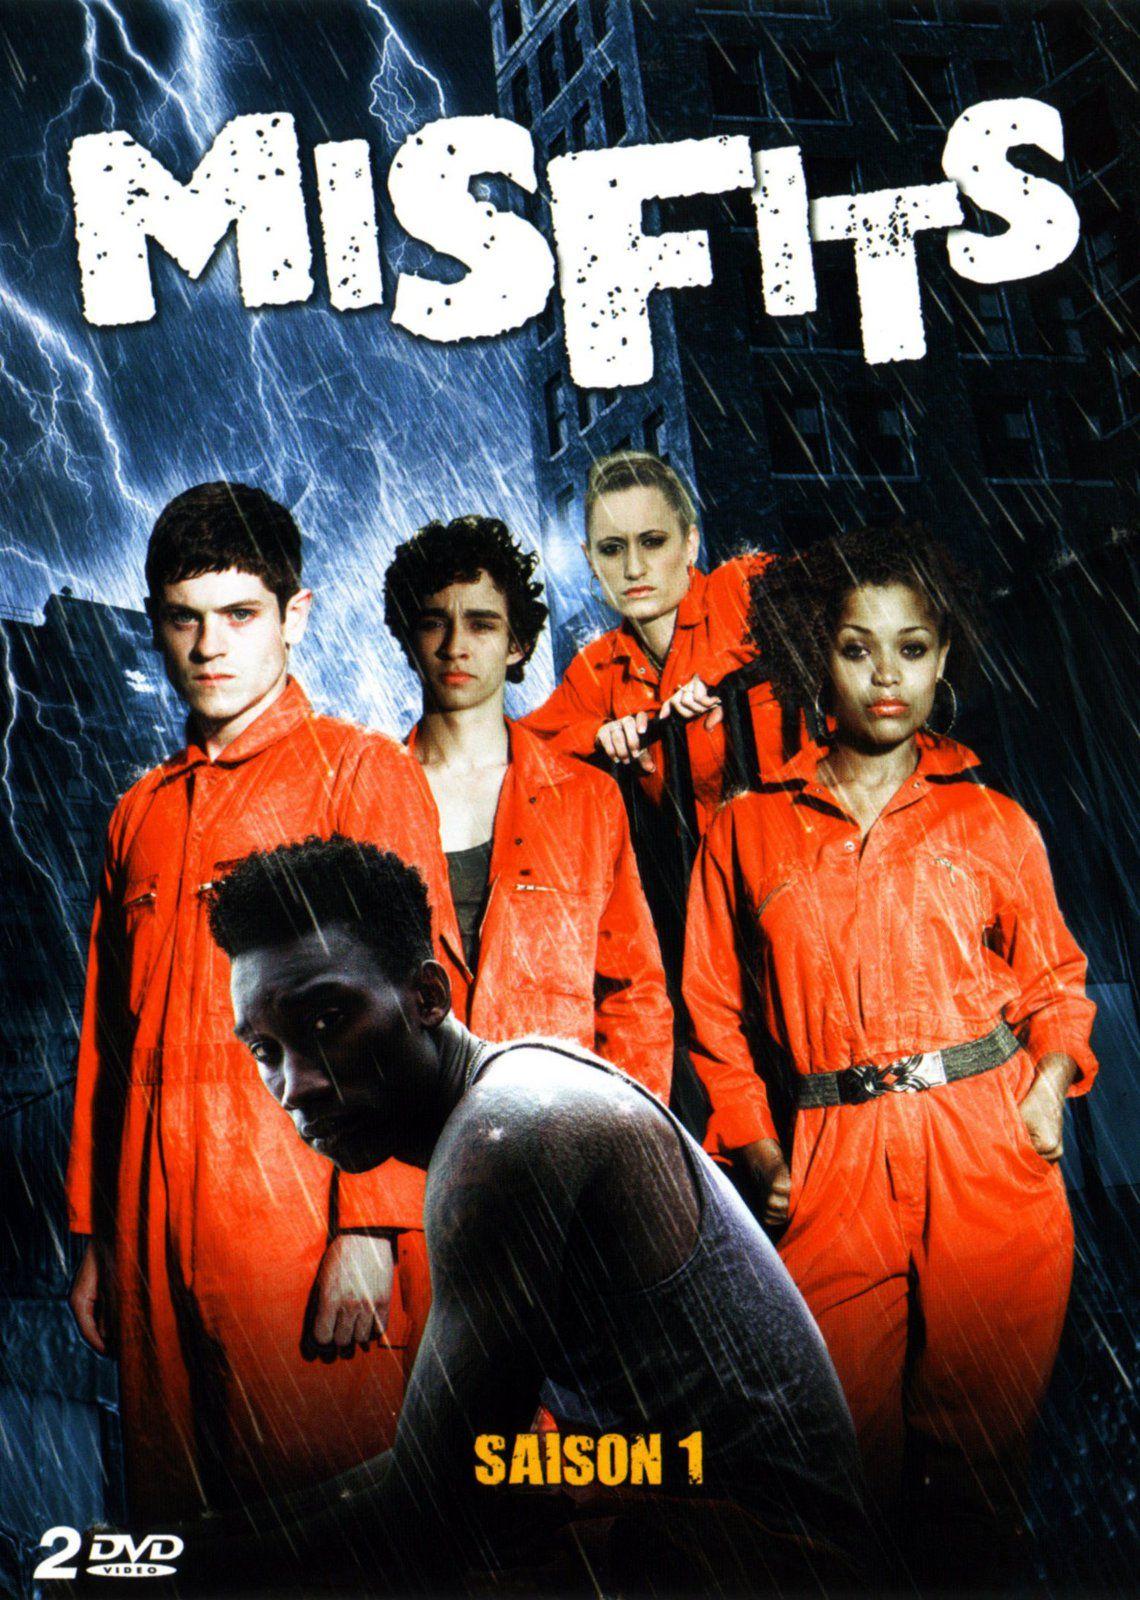 Misfits Misfits Tv Series Movies